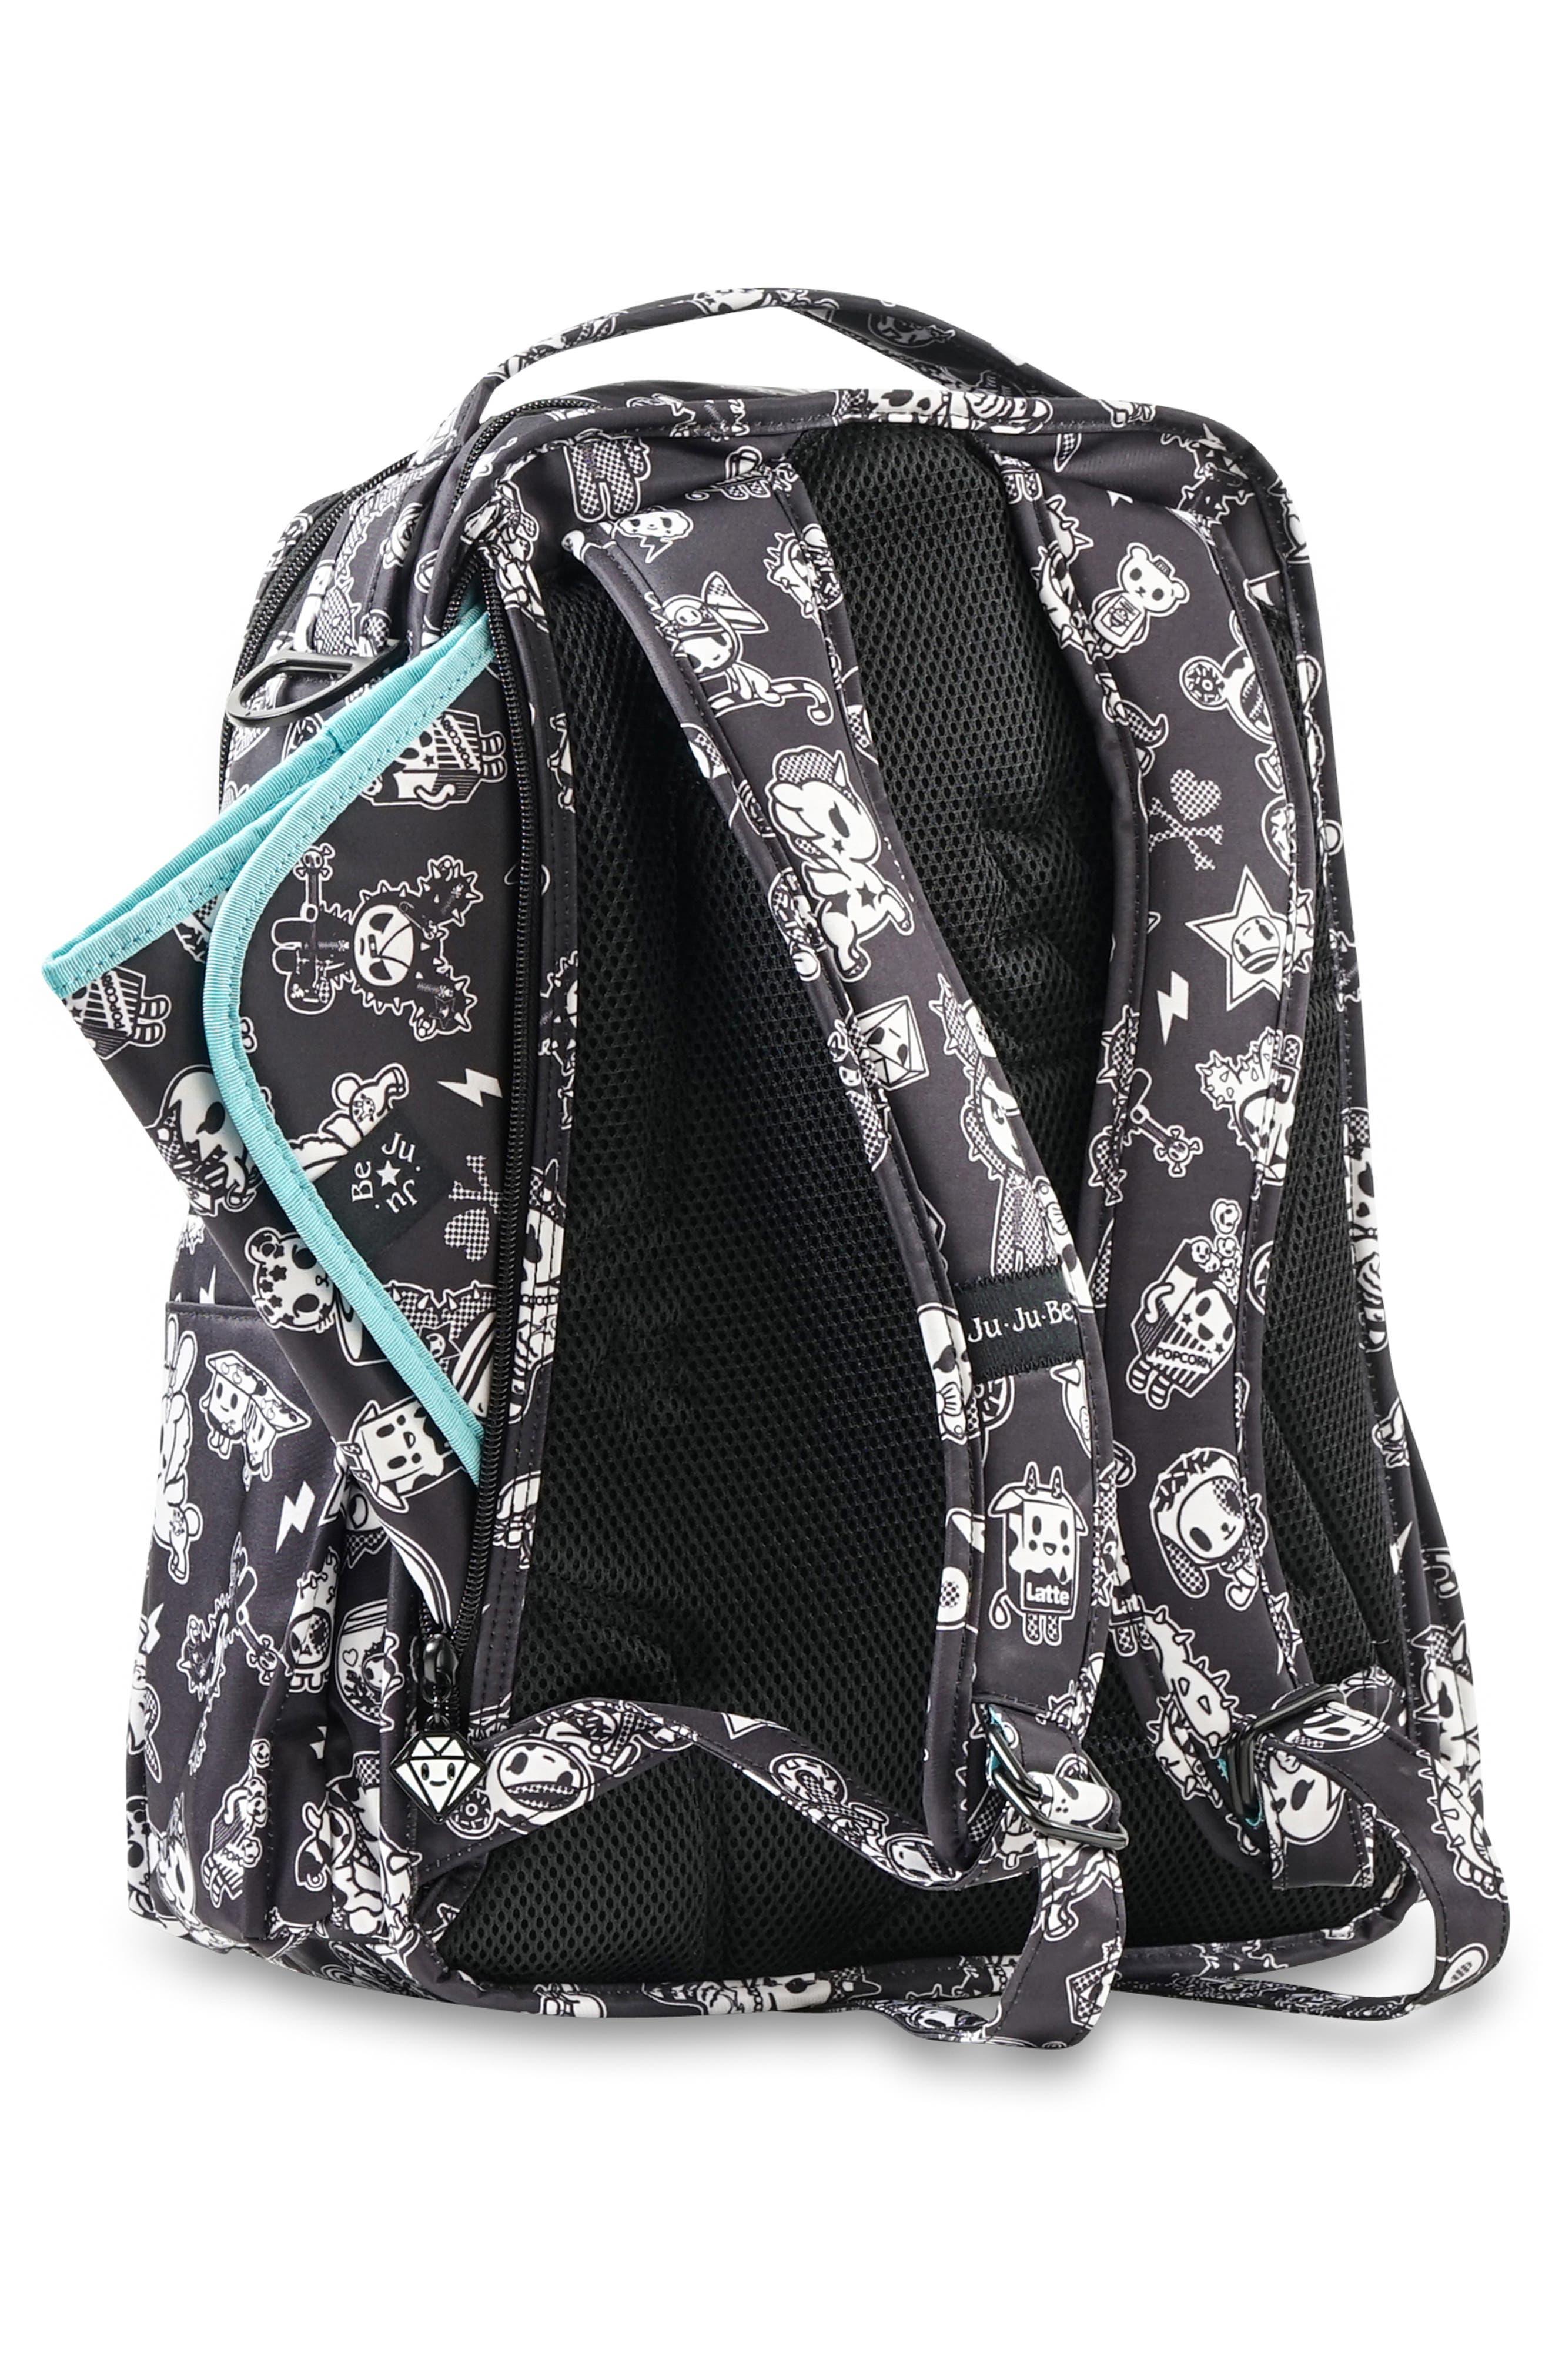 tokidoki x Ju-Ju-Be 'Be Right Back' Diaper Backpack,                             Alternate thumbnail 6, color,                             009